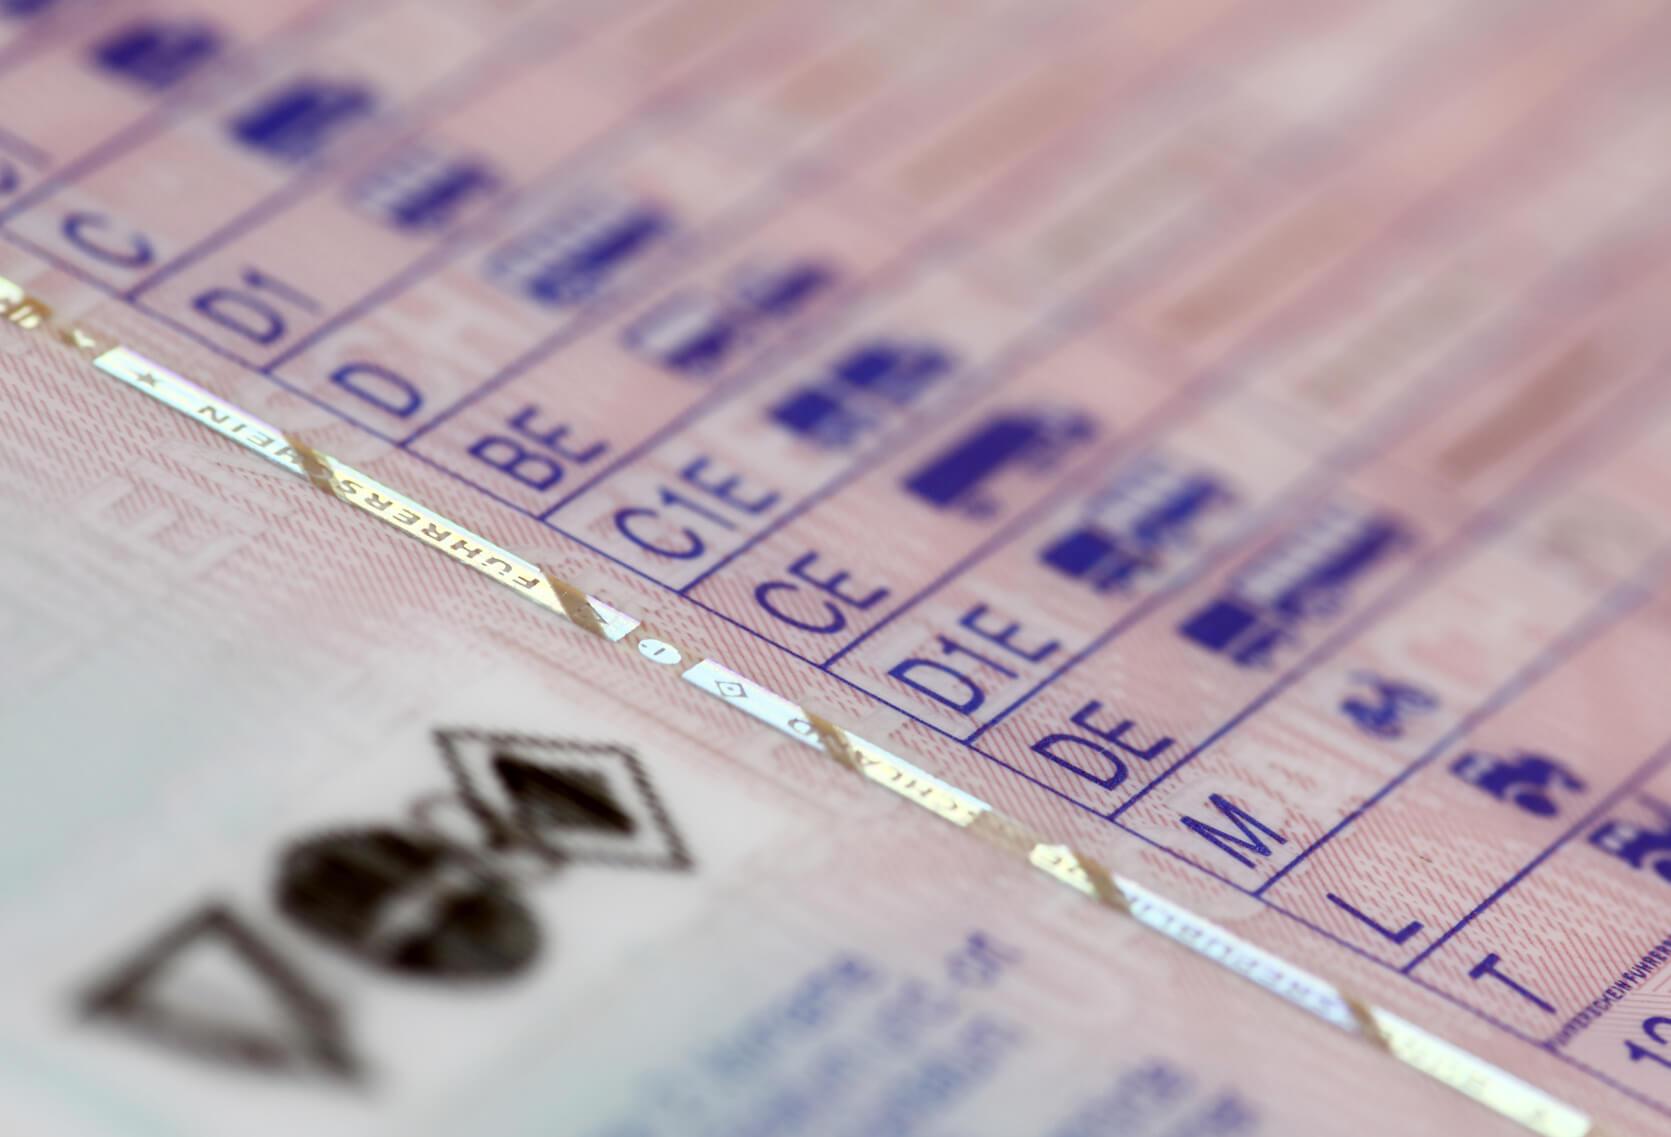 Detailaufnahme eines Führerscheins; die Führerscheinklassen C, D1, D, BE, C1E, CE, D1E, DE, M, L und T sind zu erkennen.